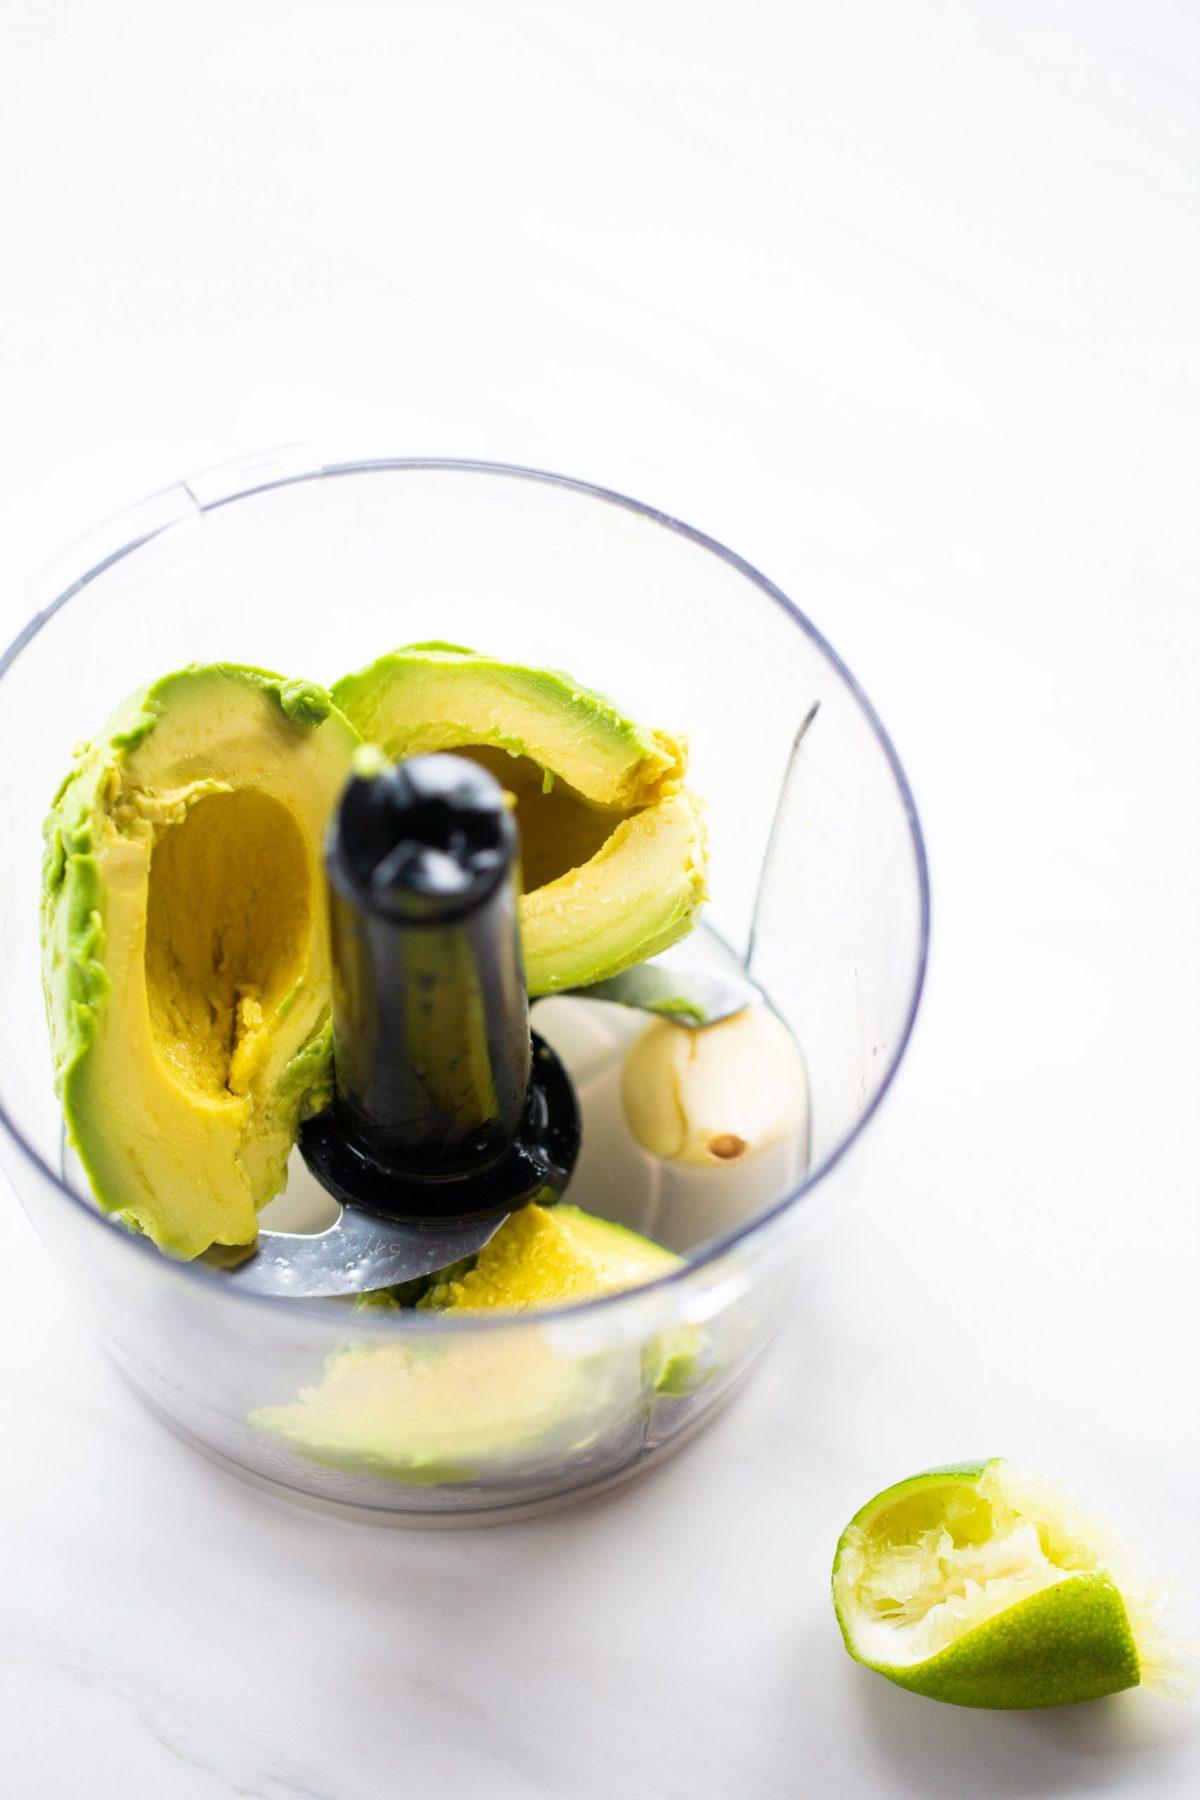 aguacate, ajo y limón en un tazón